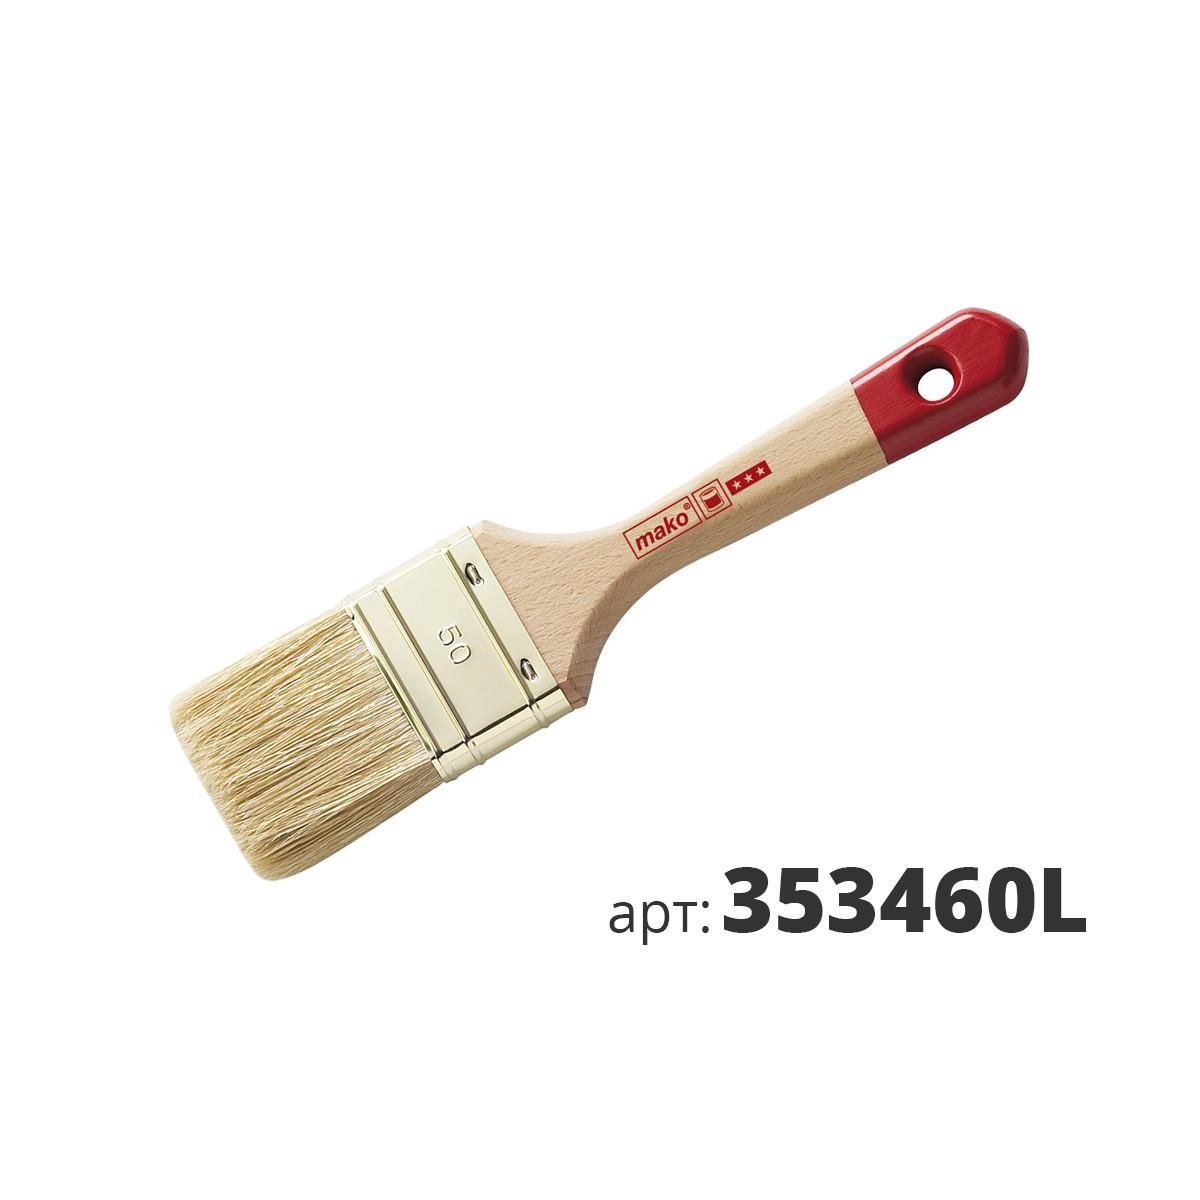 МАКО кисть флейцевая, mako® fil plus смесь щетины 353460L